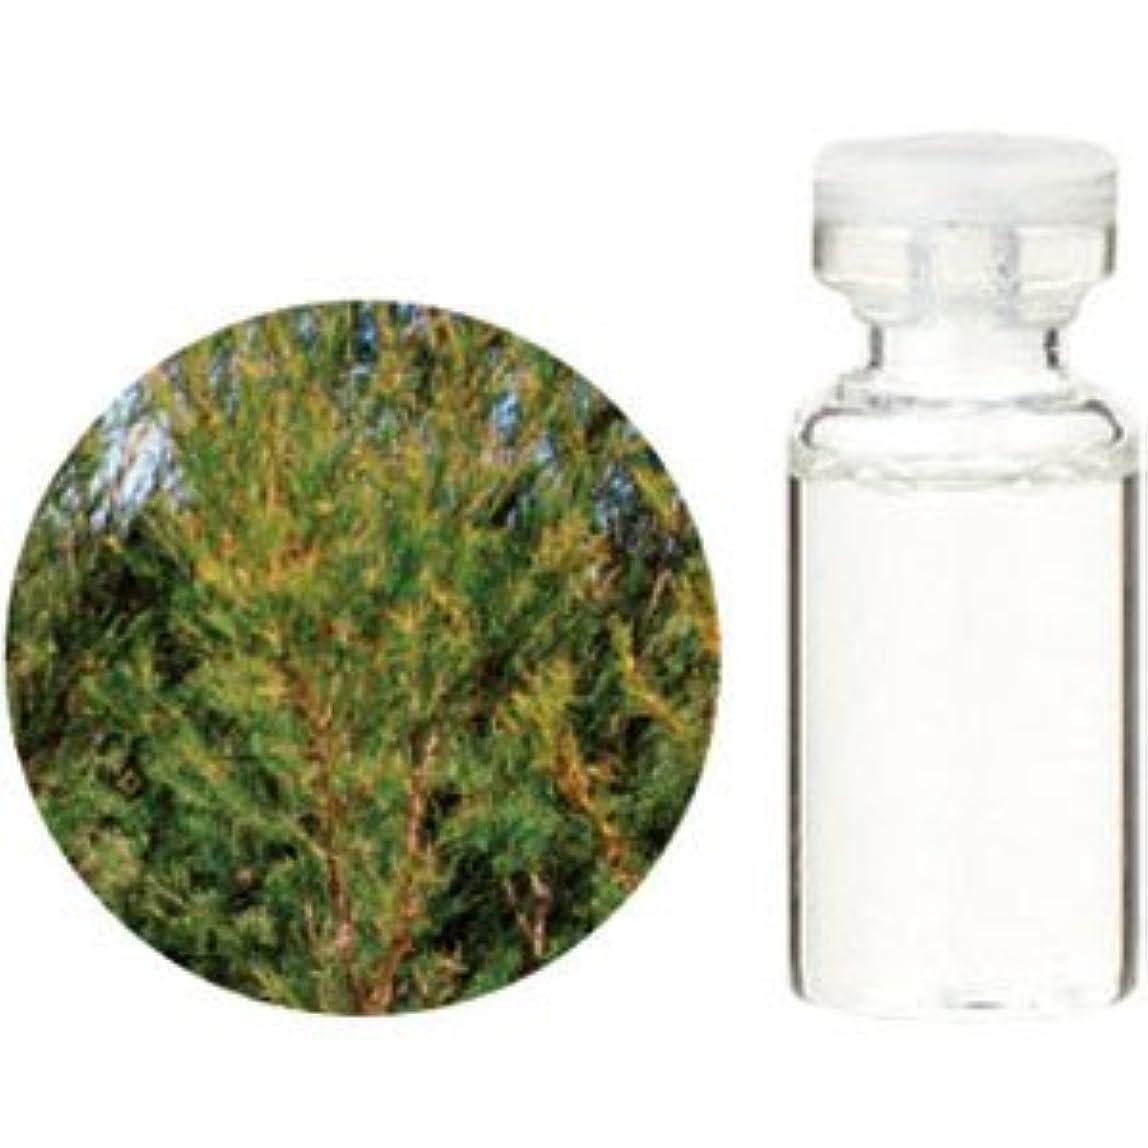 規制スモッグあいまいな生活の木 エッセンシャルオイル ティートゥリー 50ml(業務用サイズ) 08-434-3690